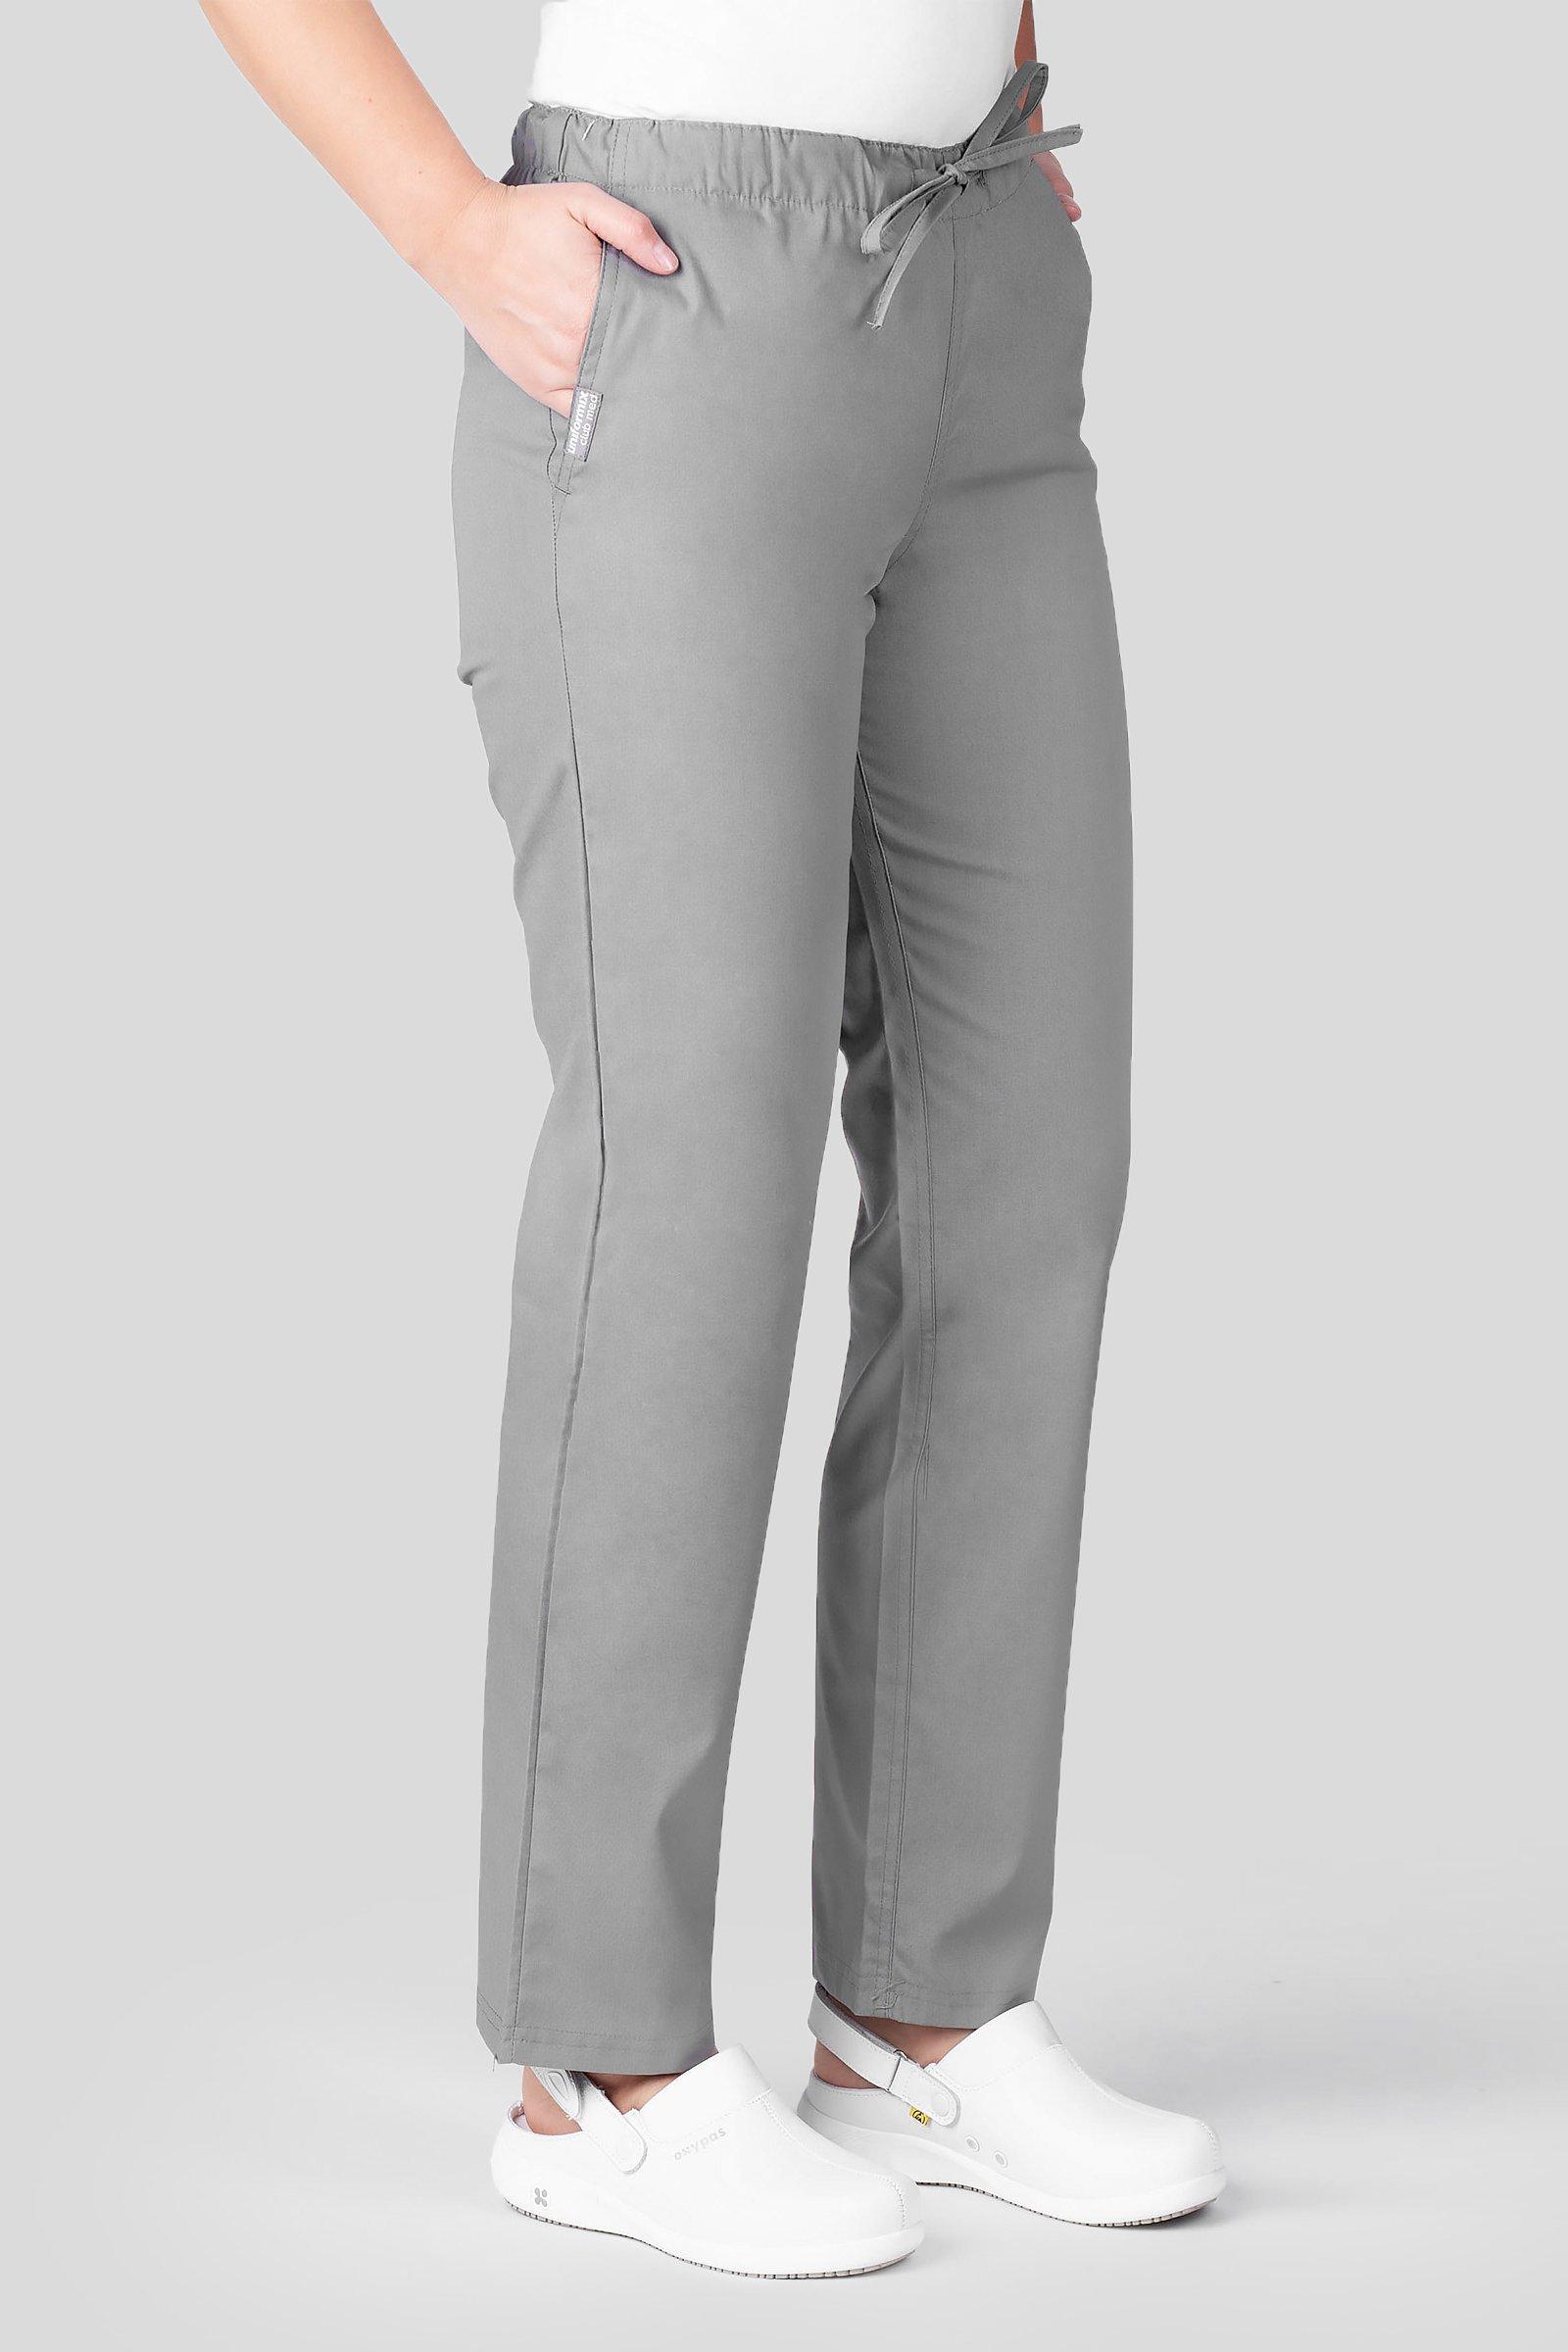 Spodnie medyczne uniwersalne Uniformix Club Med, szare ciemne. CM119